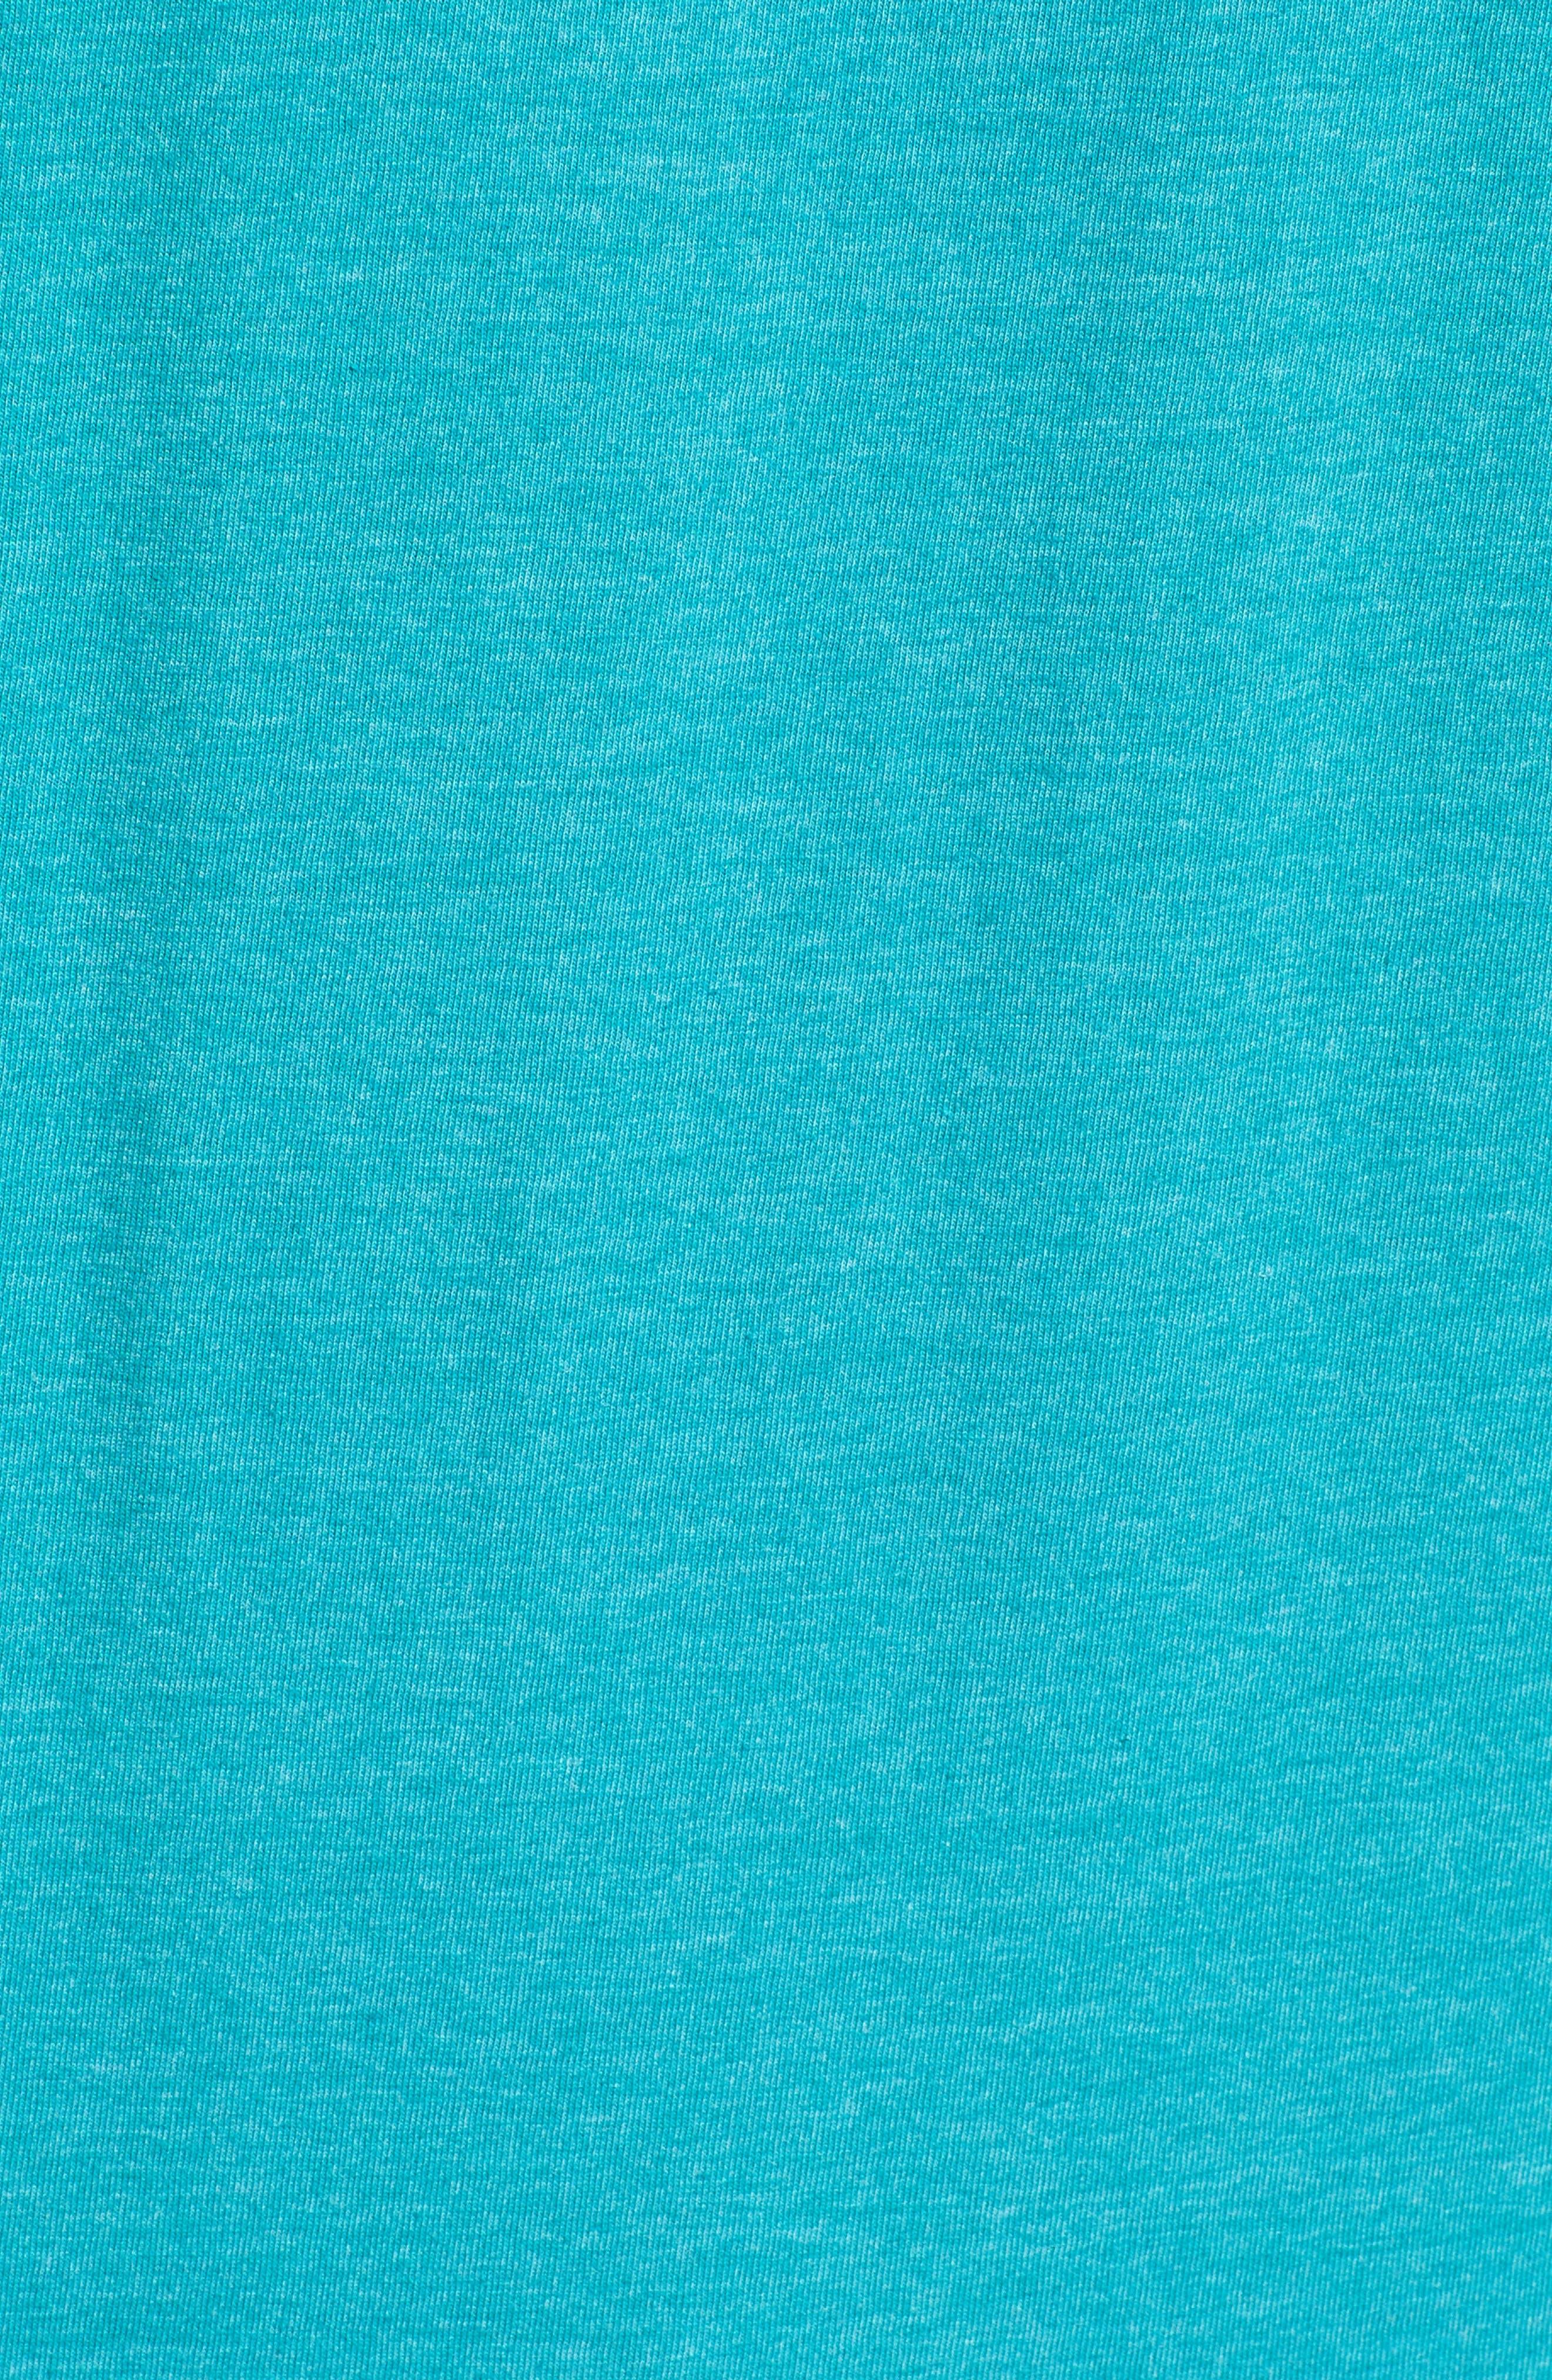 'Fitz Roy Crest' Slim Fit Organic Cotton Blend T-Shirt,                             Alternate thumbnail 38, color,